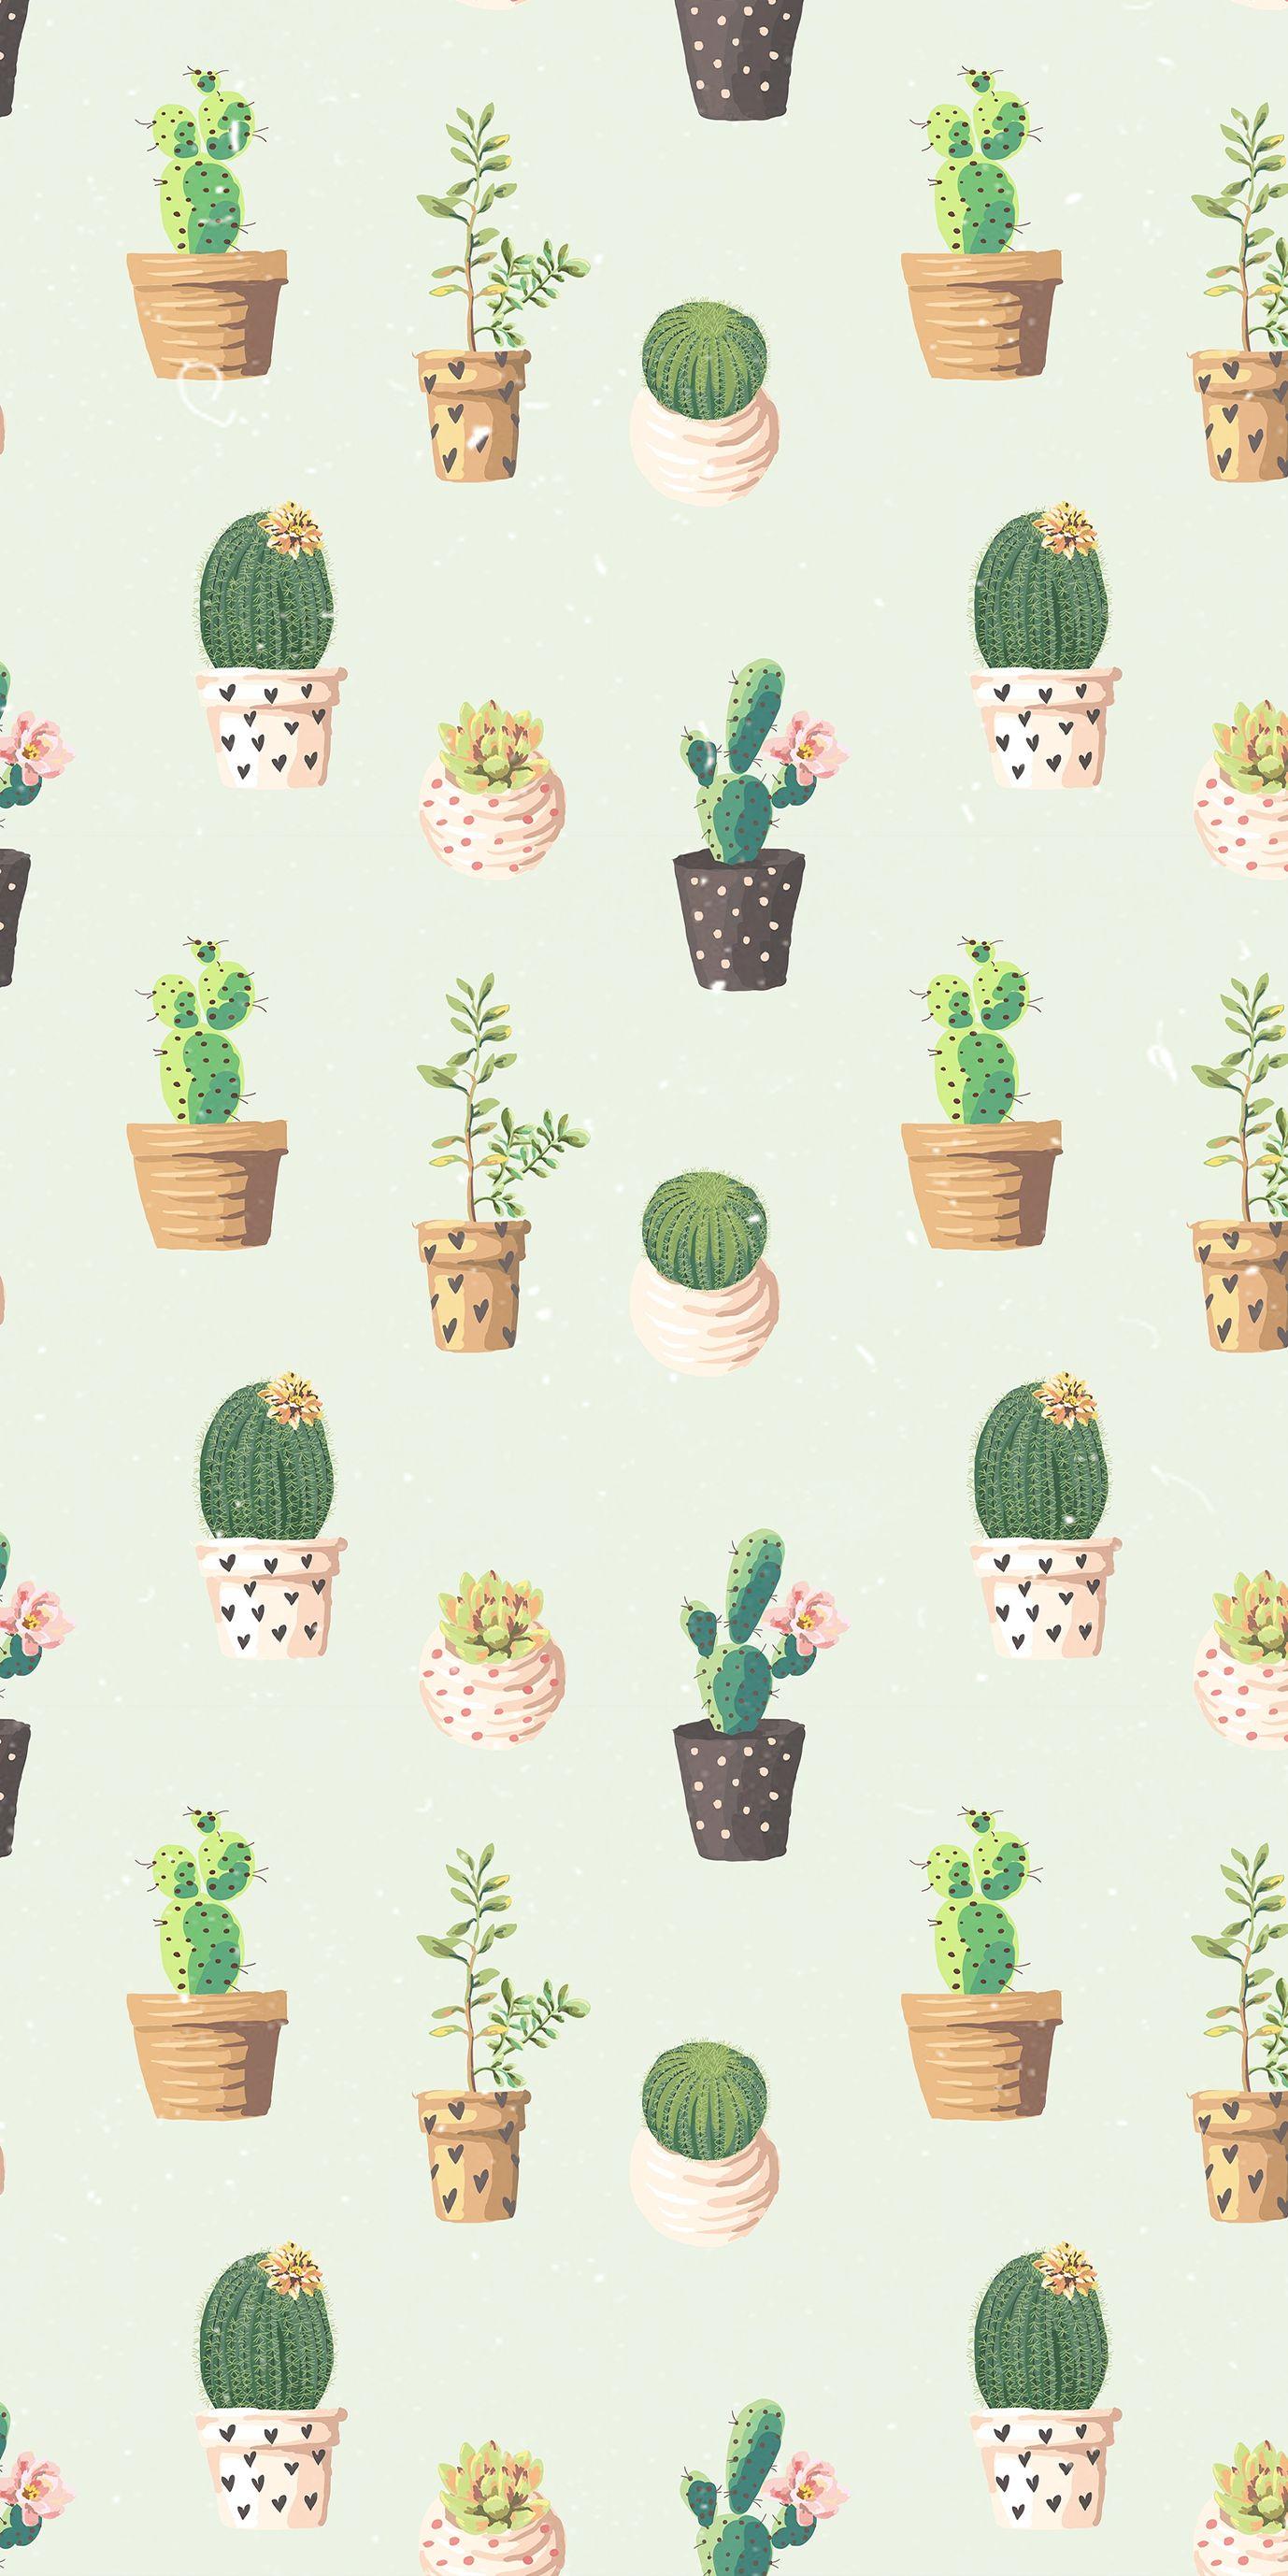 Cactus Wallpaper Patterm Iphone Succulents Wallpaper Iphone Wallpaper Pattern Wallpaper